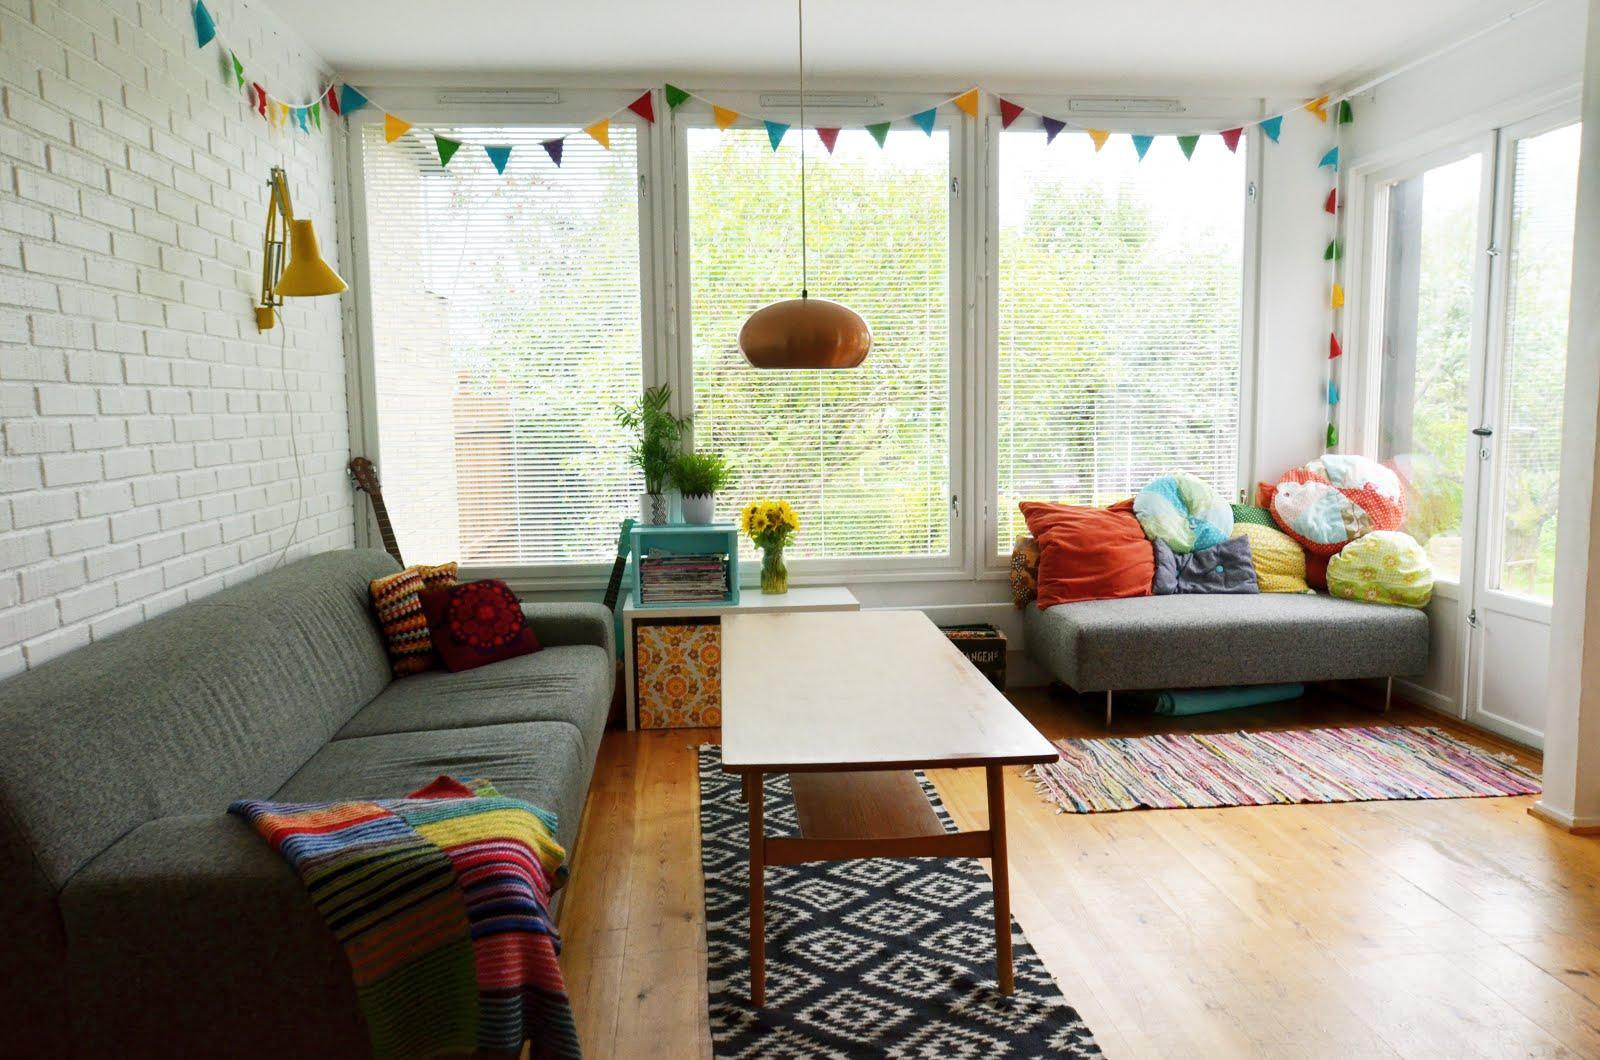 Klikk på bildet for å se flere bilder fra hjemmet vårt